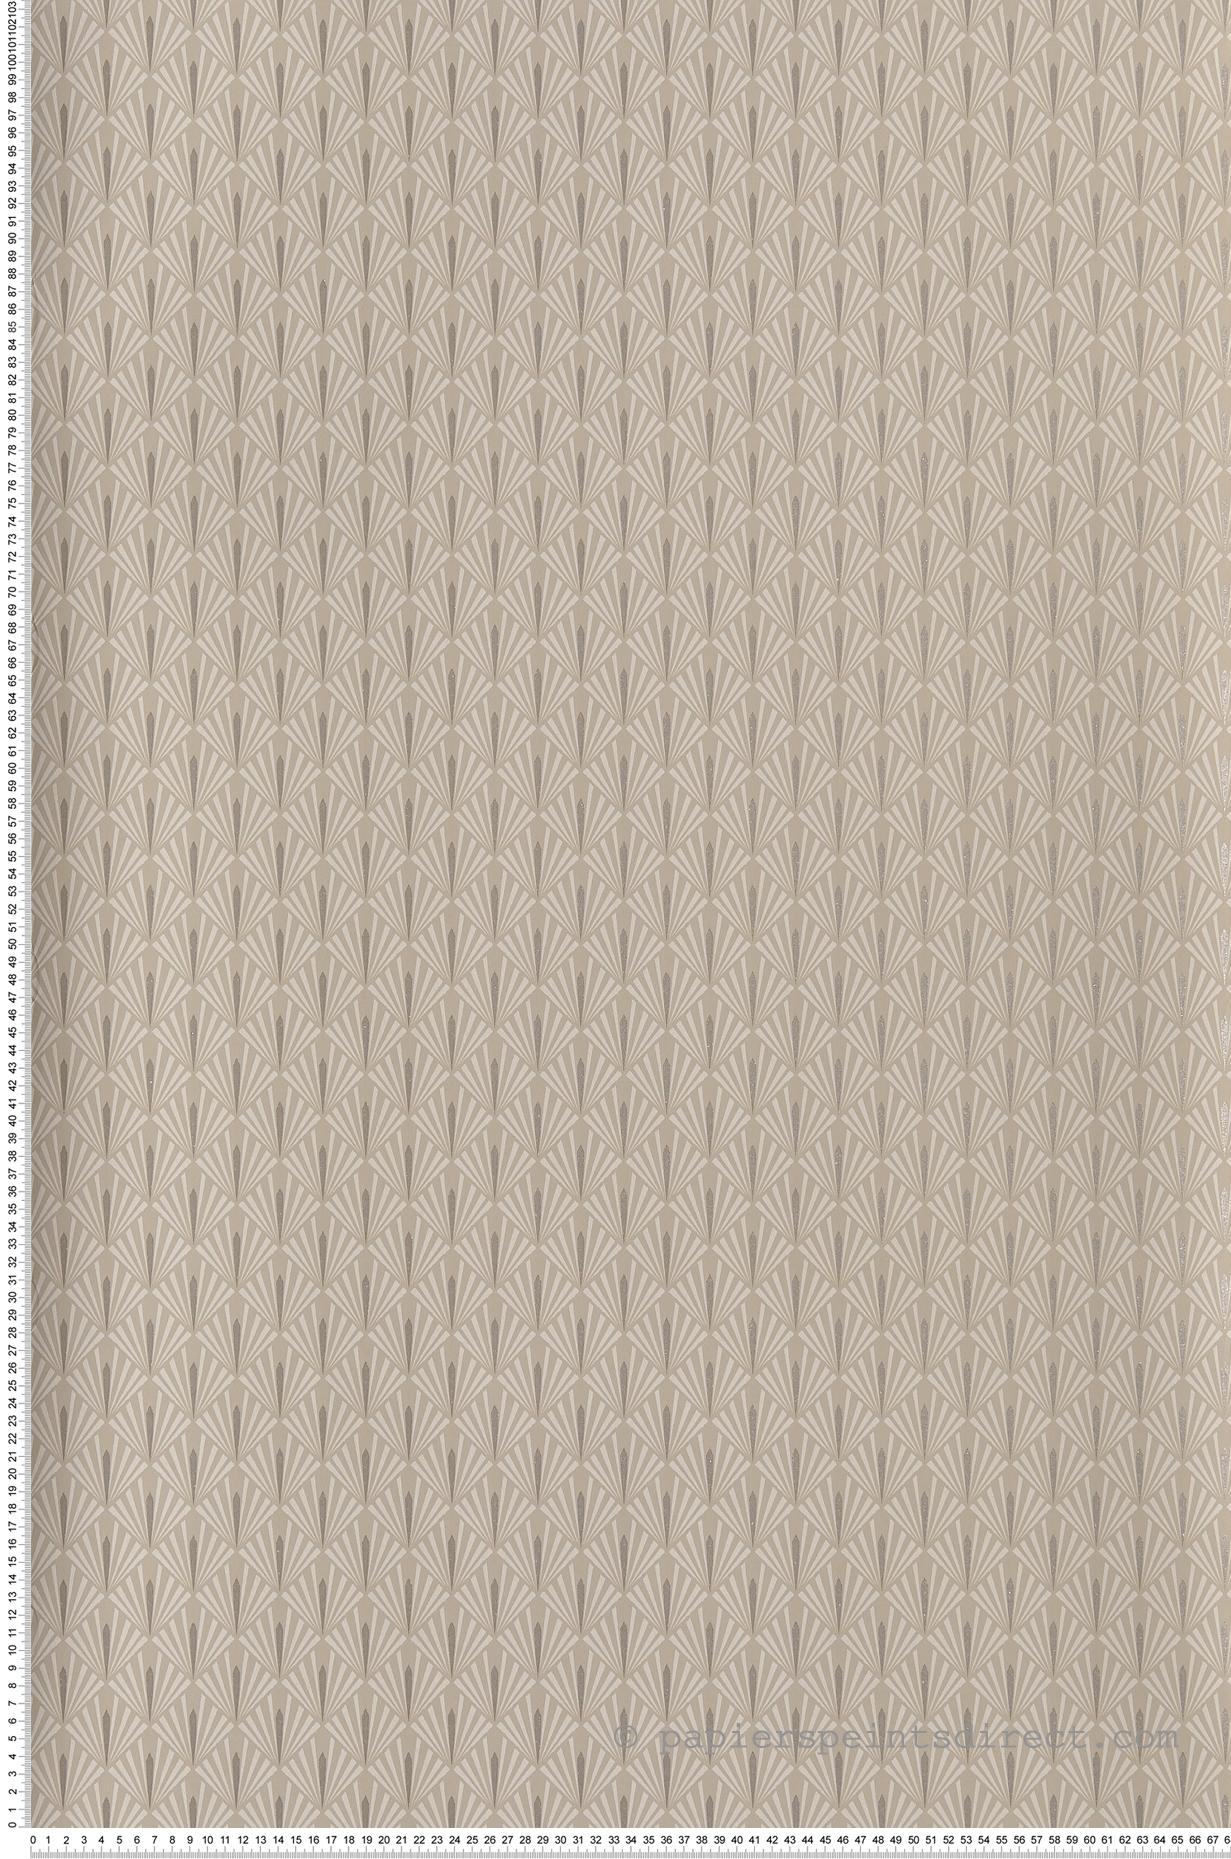 Papier Peint Stein grège - Ellington de Casamance   Réf. CAS-73920130